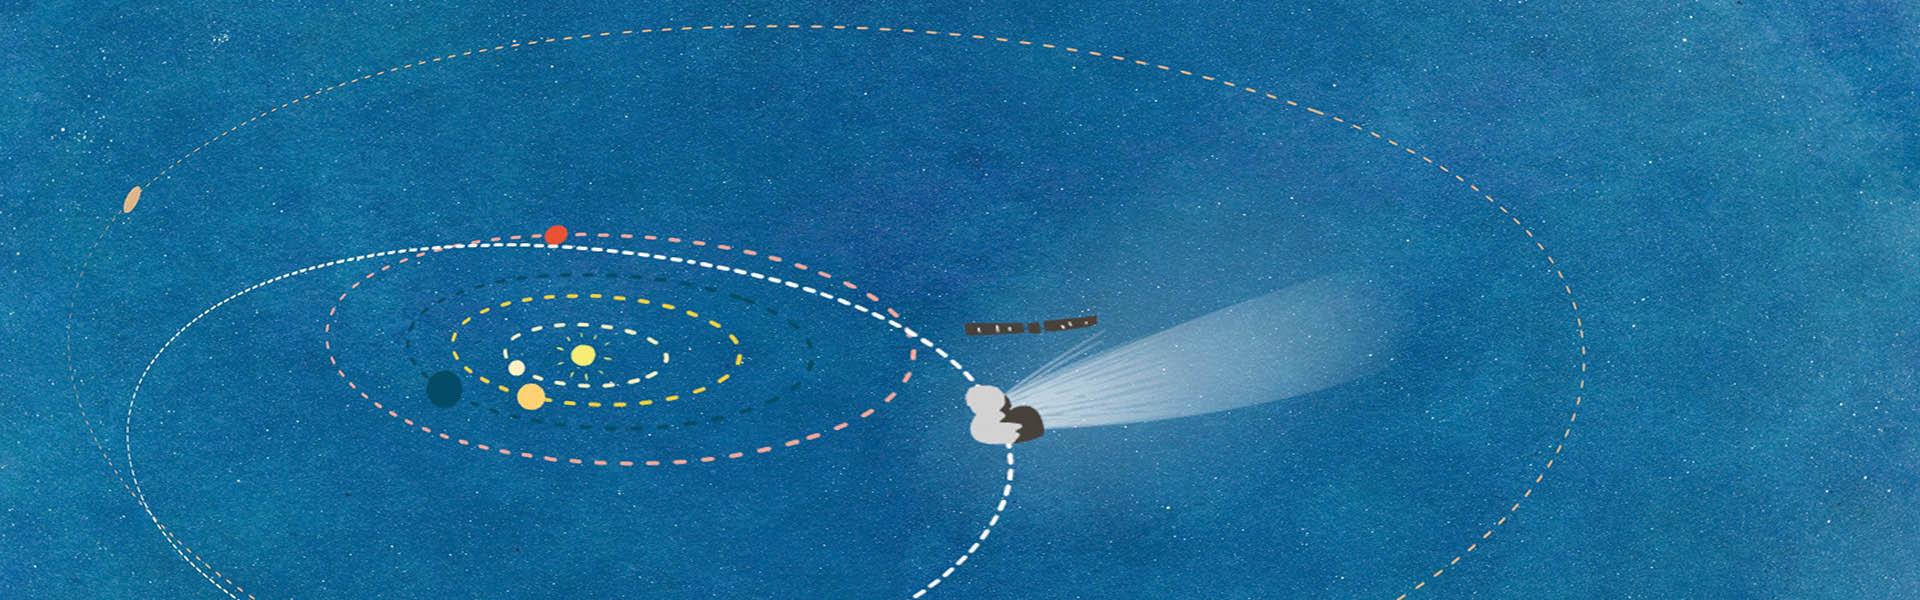 Große Kometenjagd